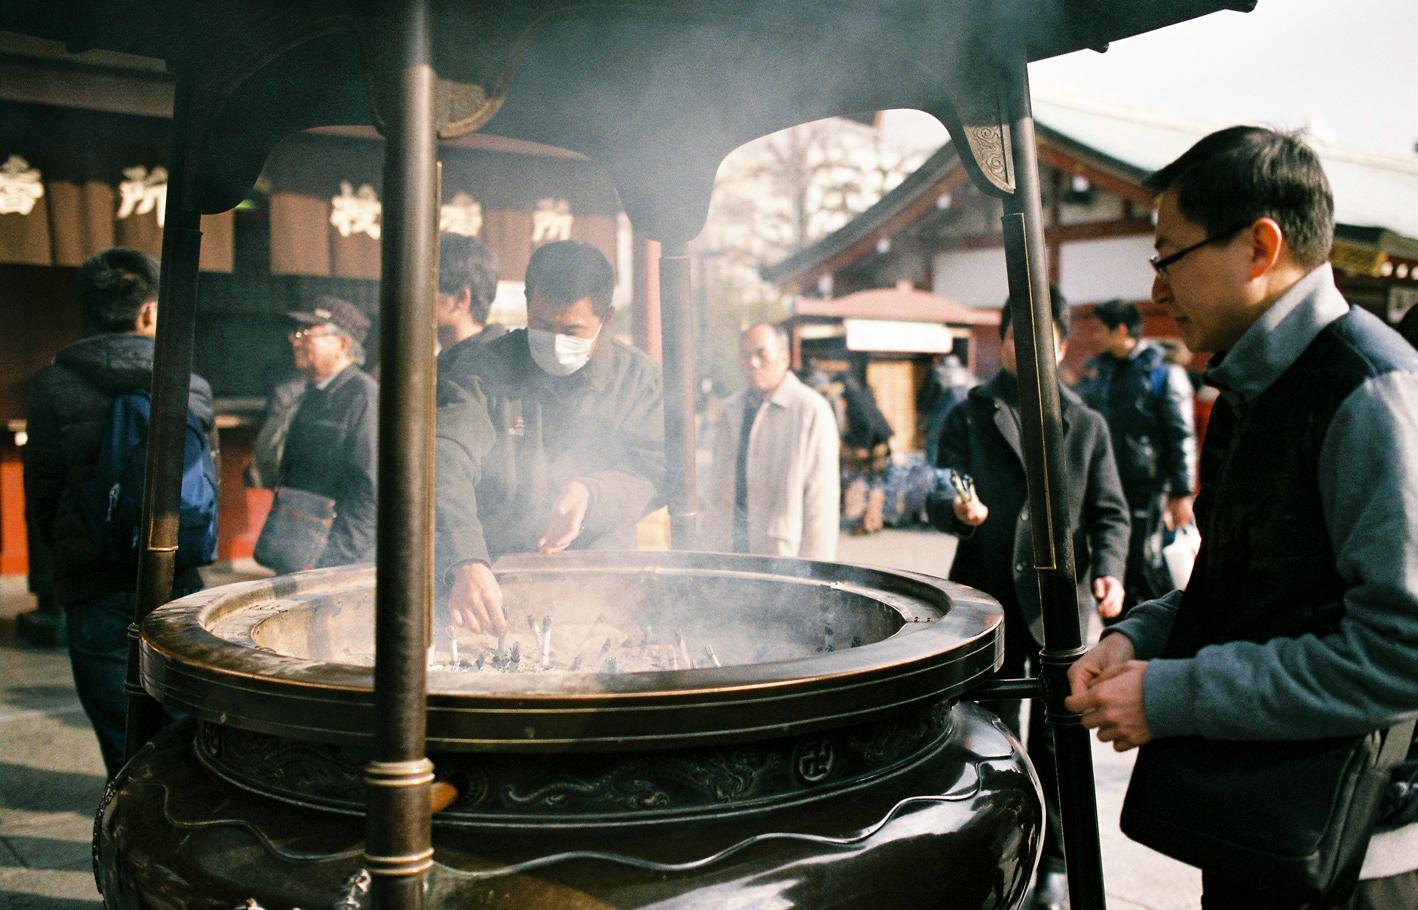 054-tokyo-japan-sophie-baker-photography